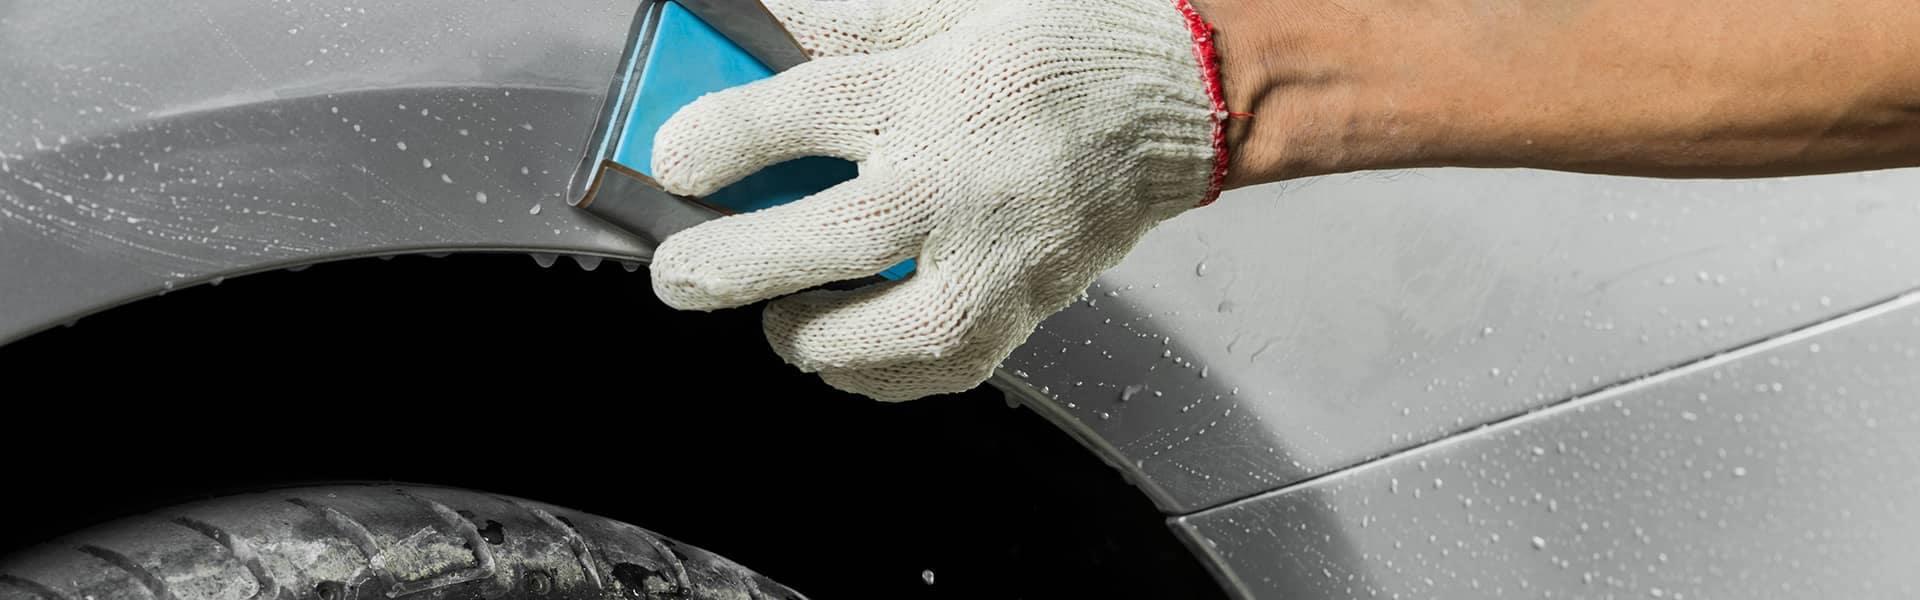 Wetsanding a paint scratch